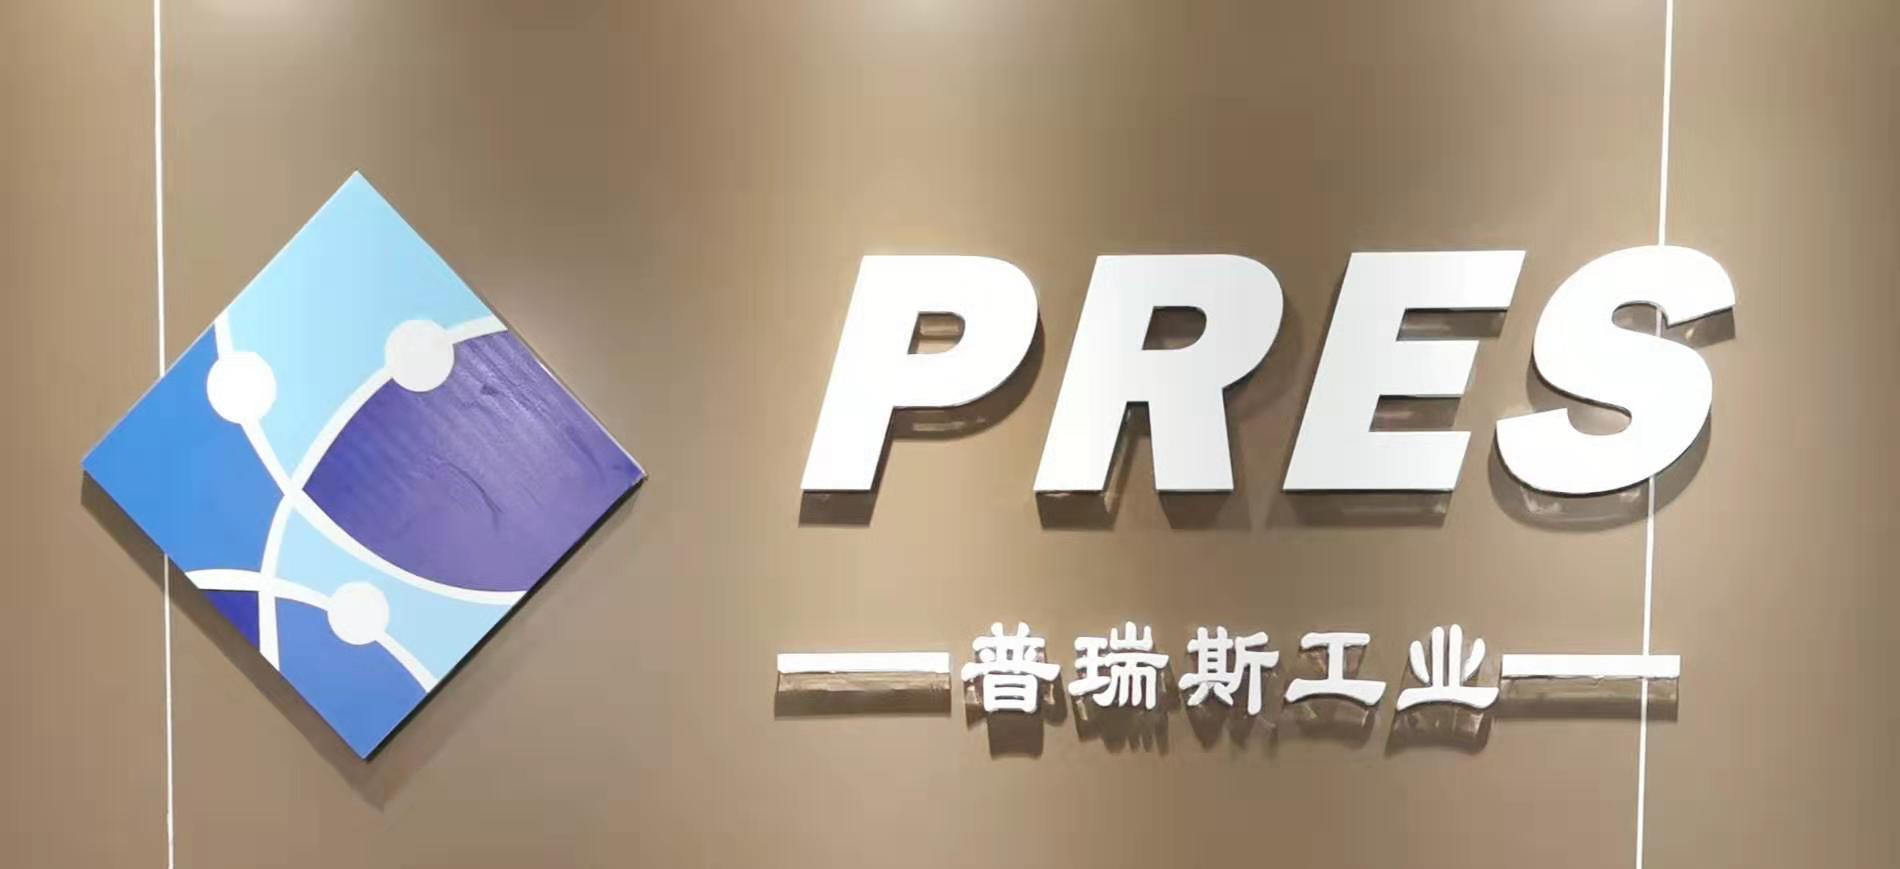 普瑞斯(深圳)工业技术有限公司